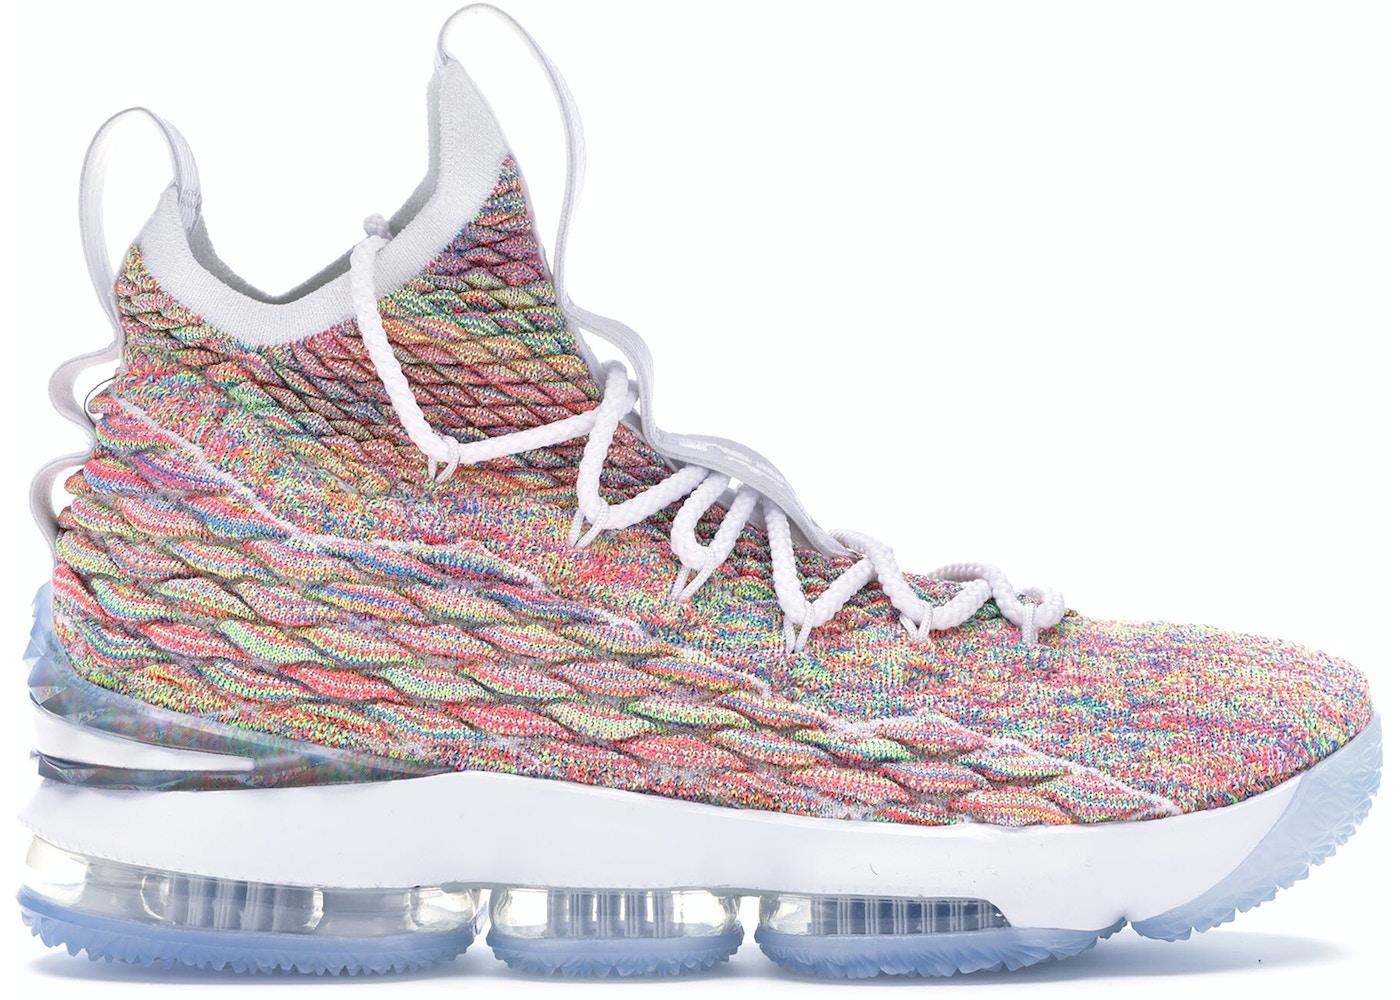 combinazione impulso pensieroso  Nike LeBron 15 Cereal - 897648-900